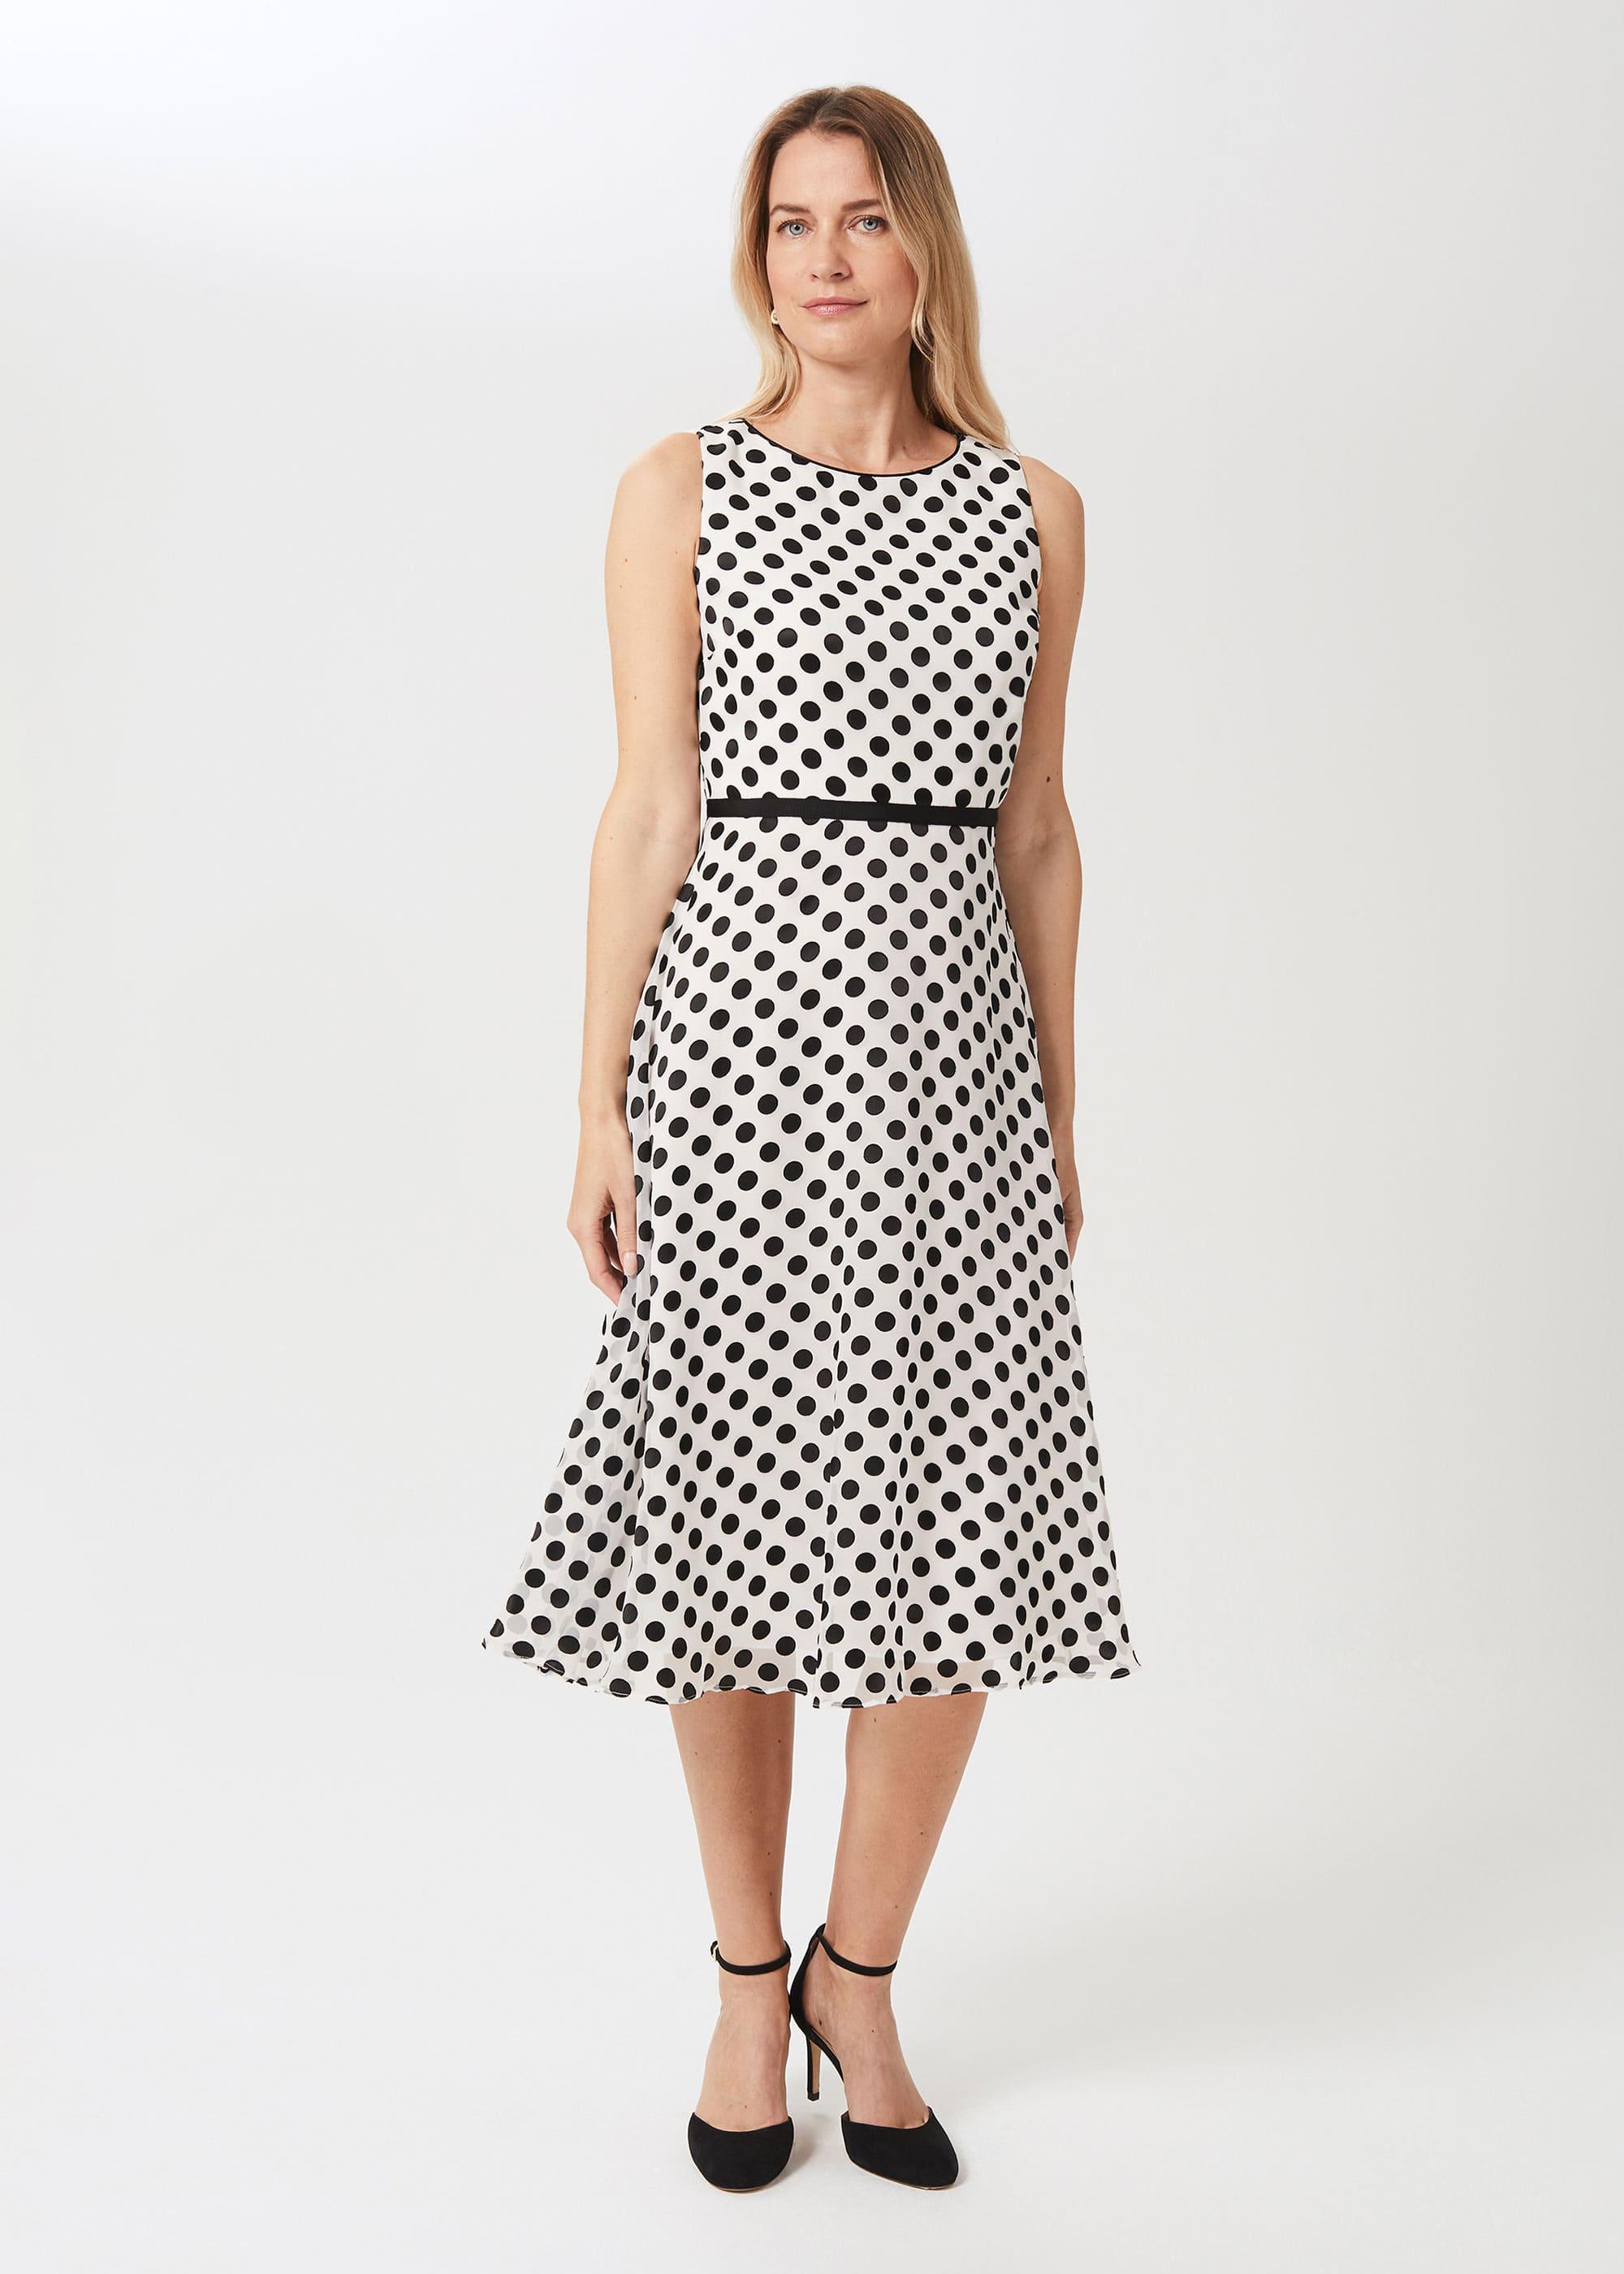 Hobbs Women Adeline Jacquard Spot Dress